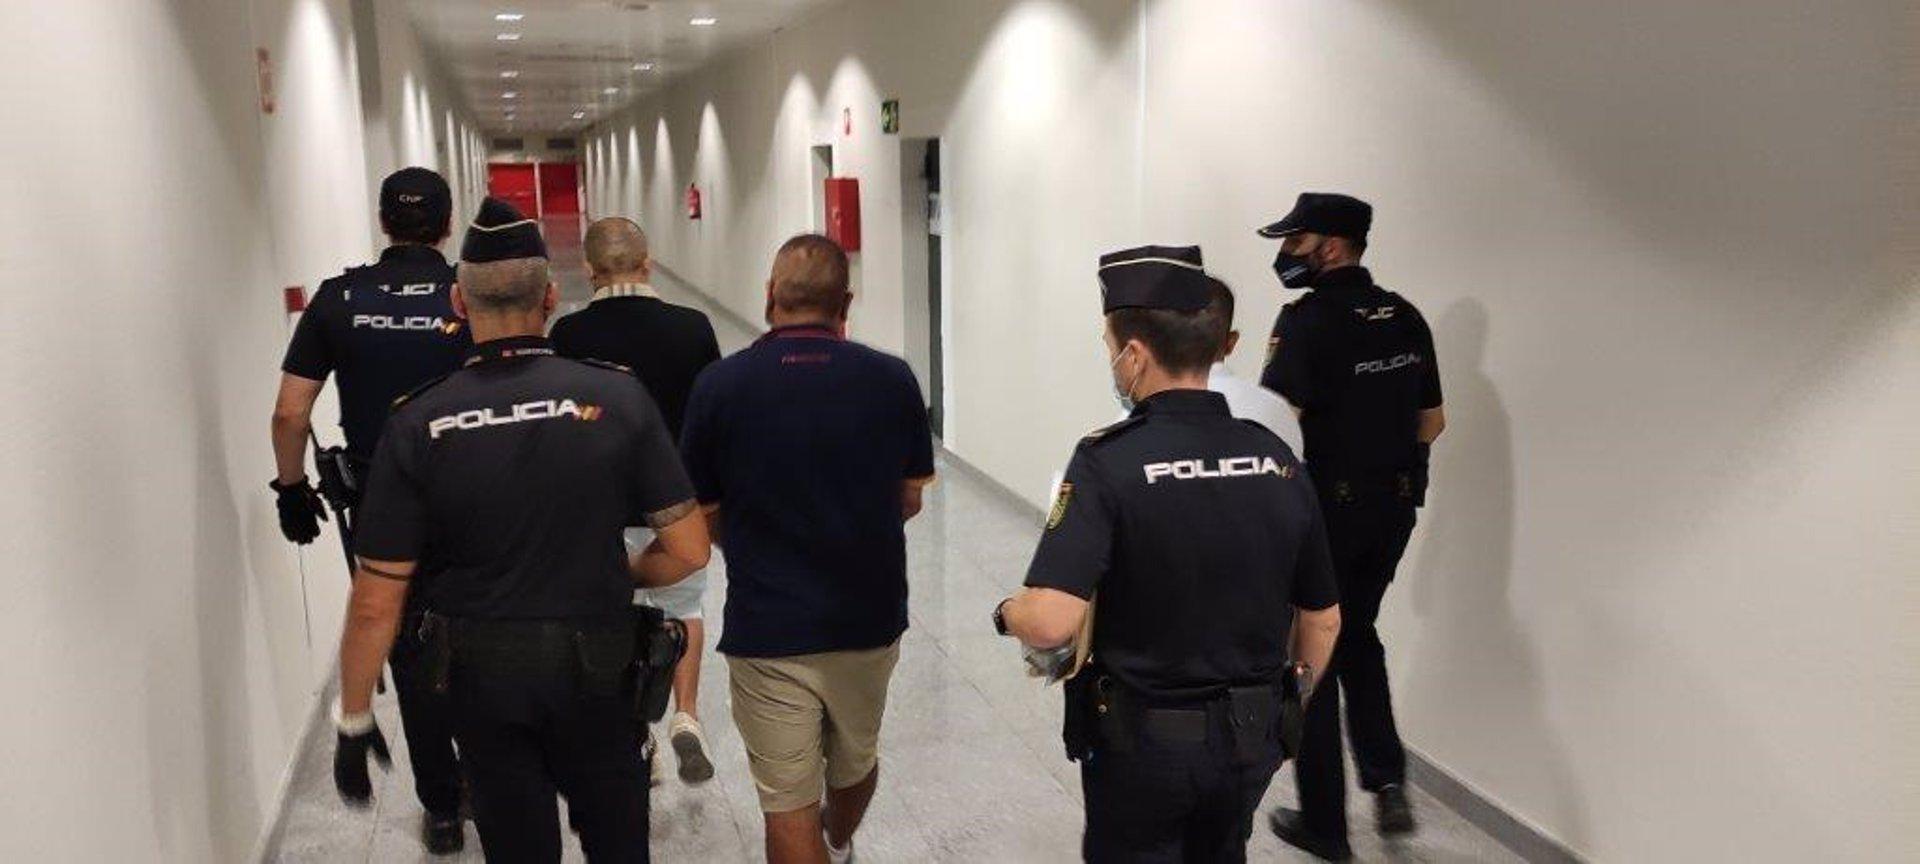 Detenido un grupo organizado especializado en hurtos en el Aeropuerto de Alicante-Elche